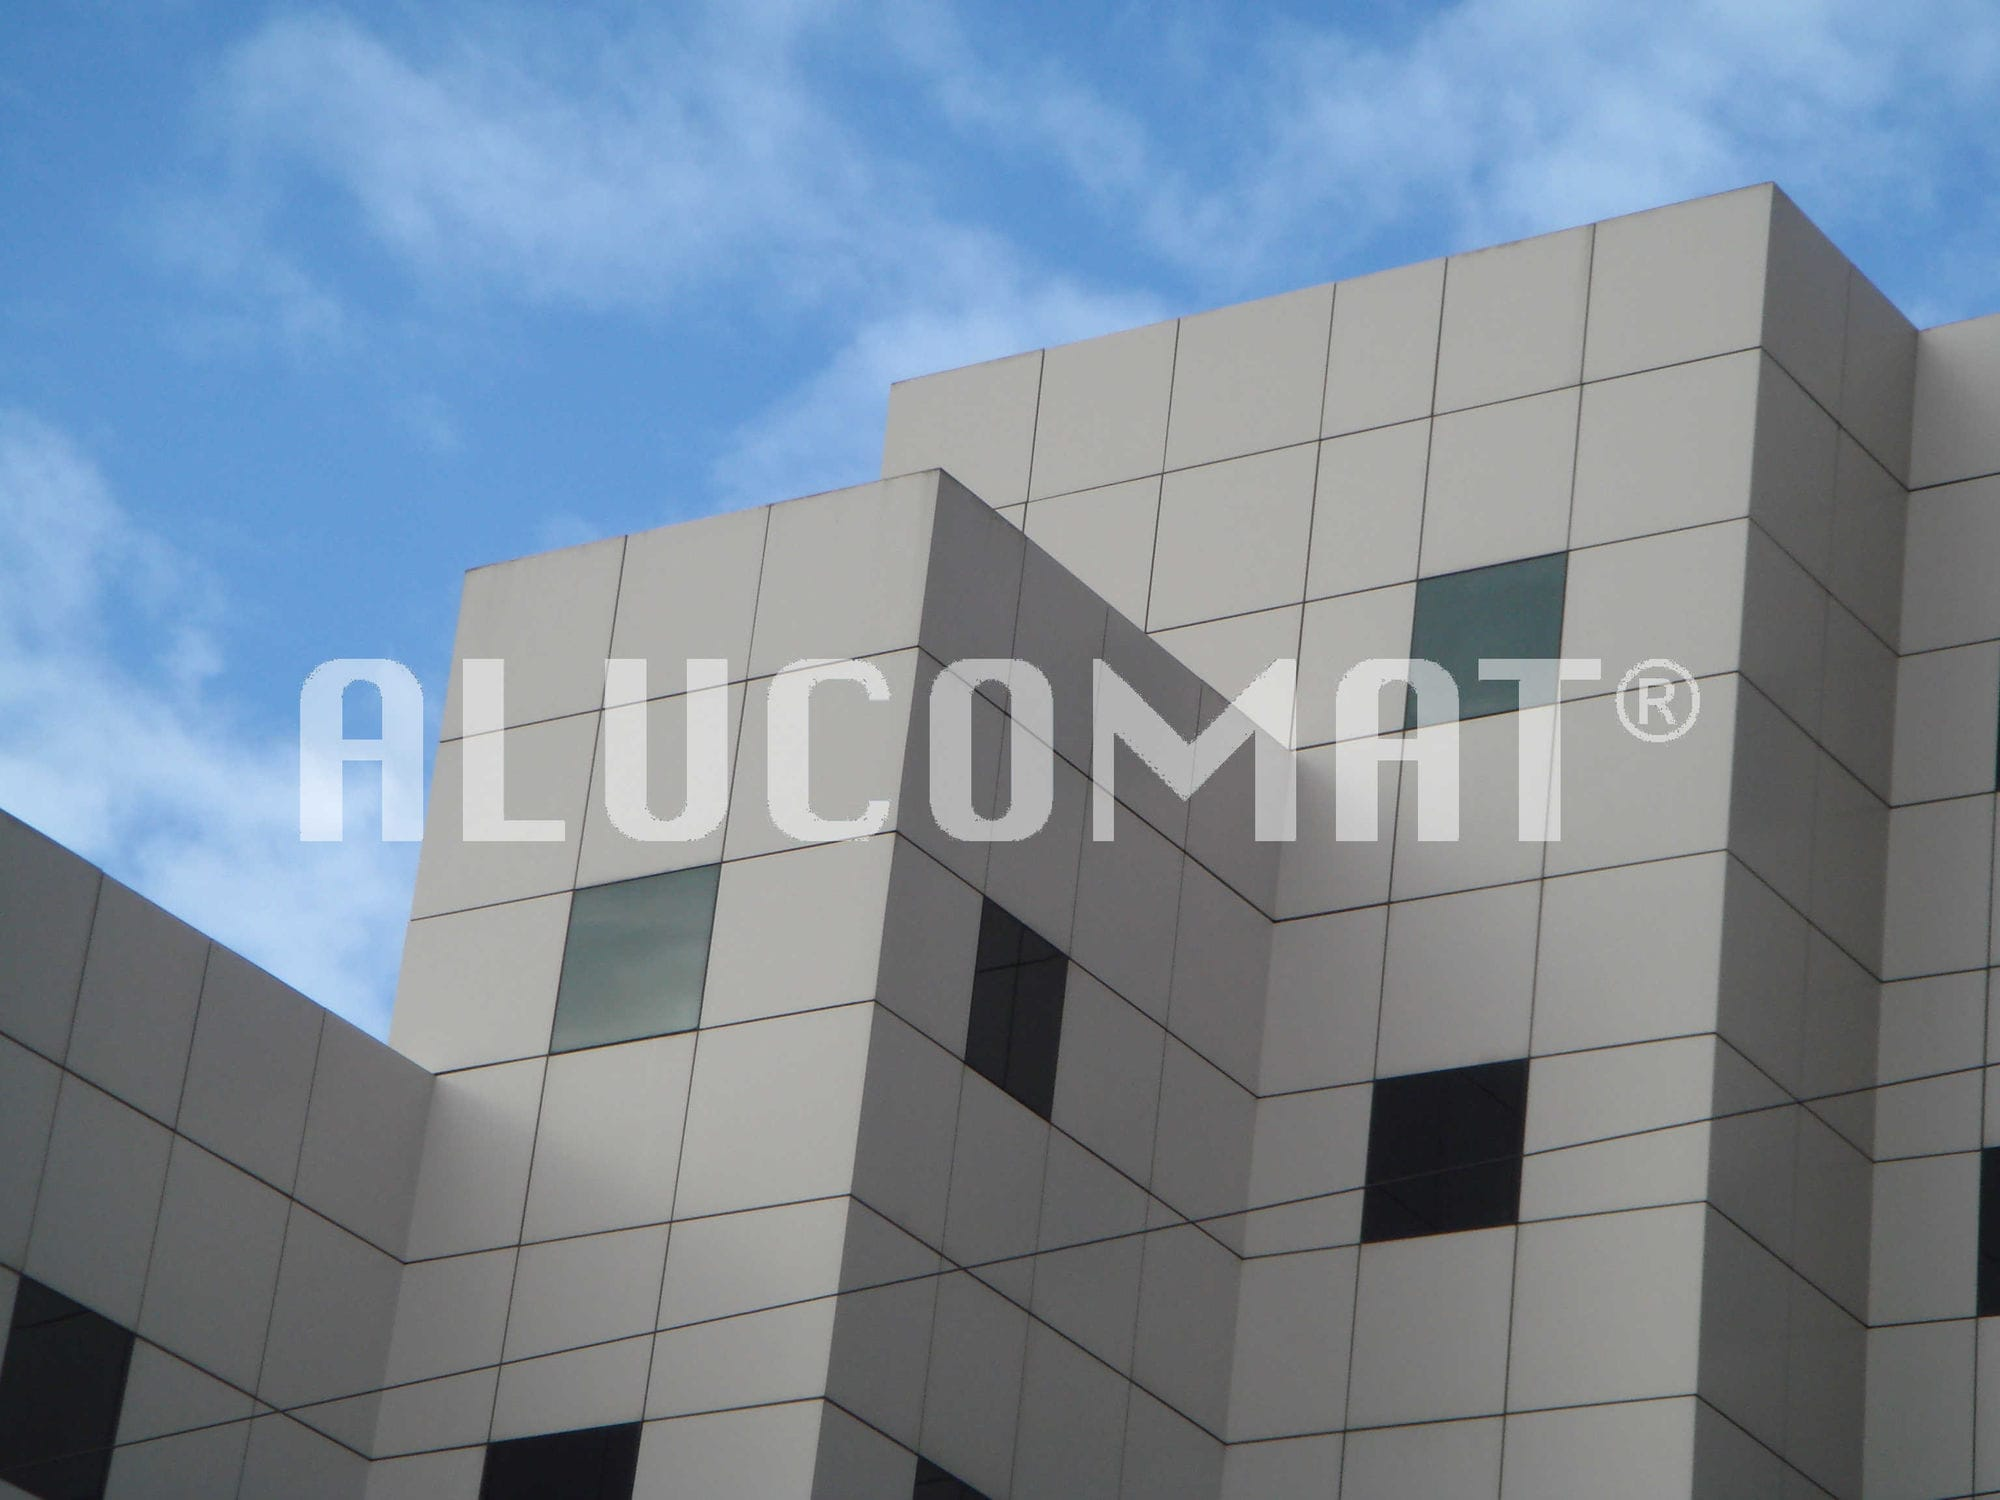 Platten Fassadenverkleidung Alucomat Terracotta Alucomat